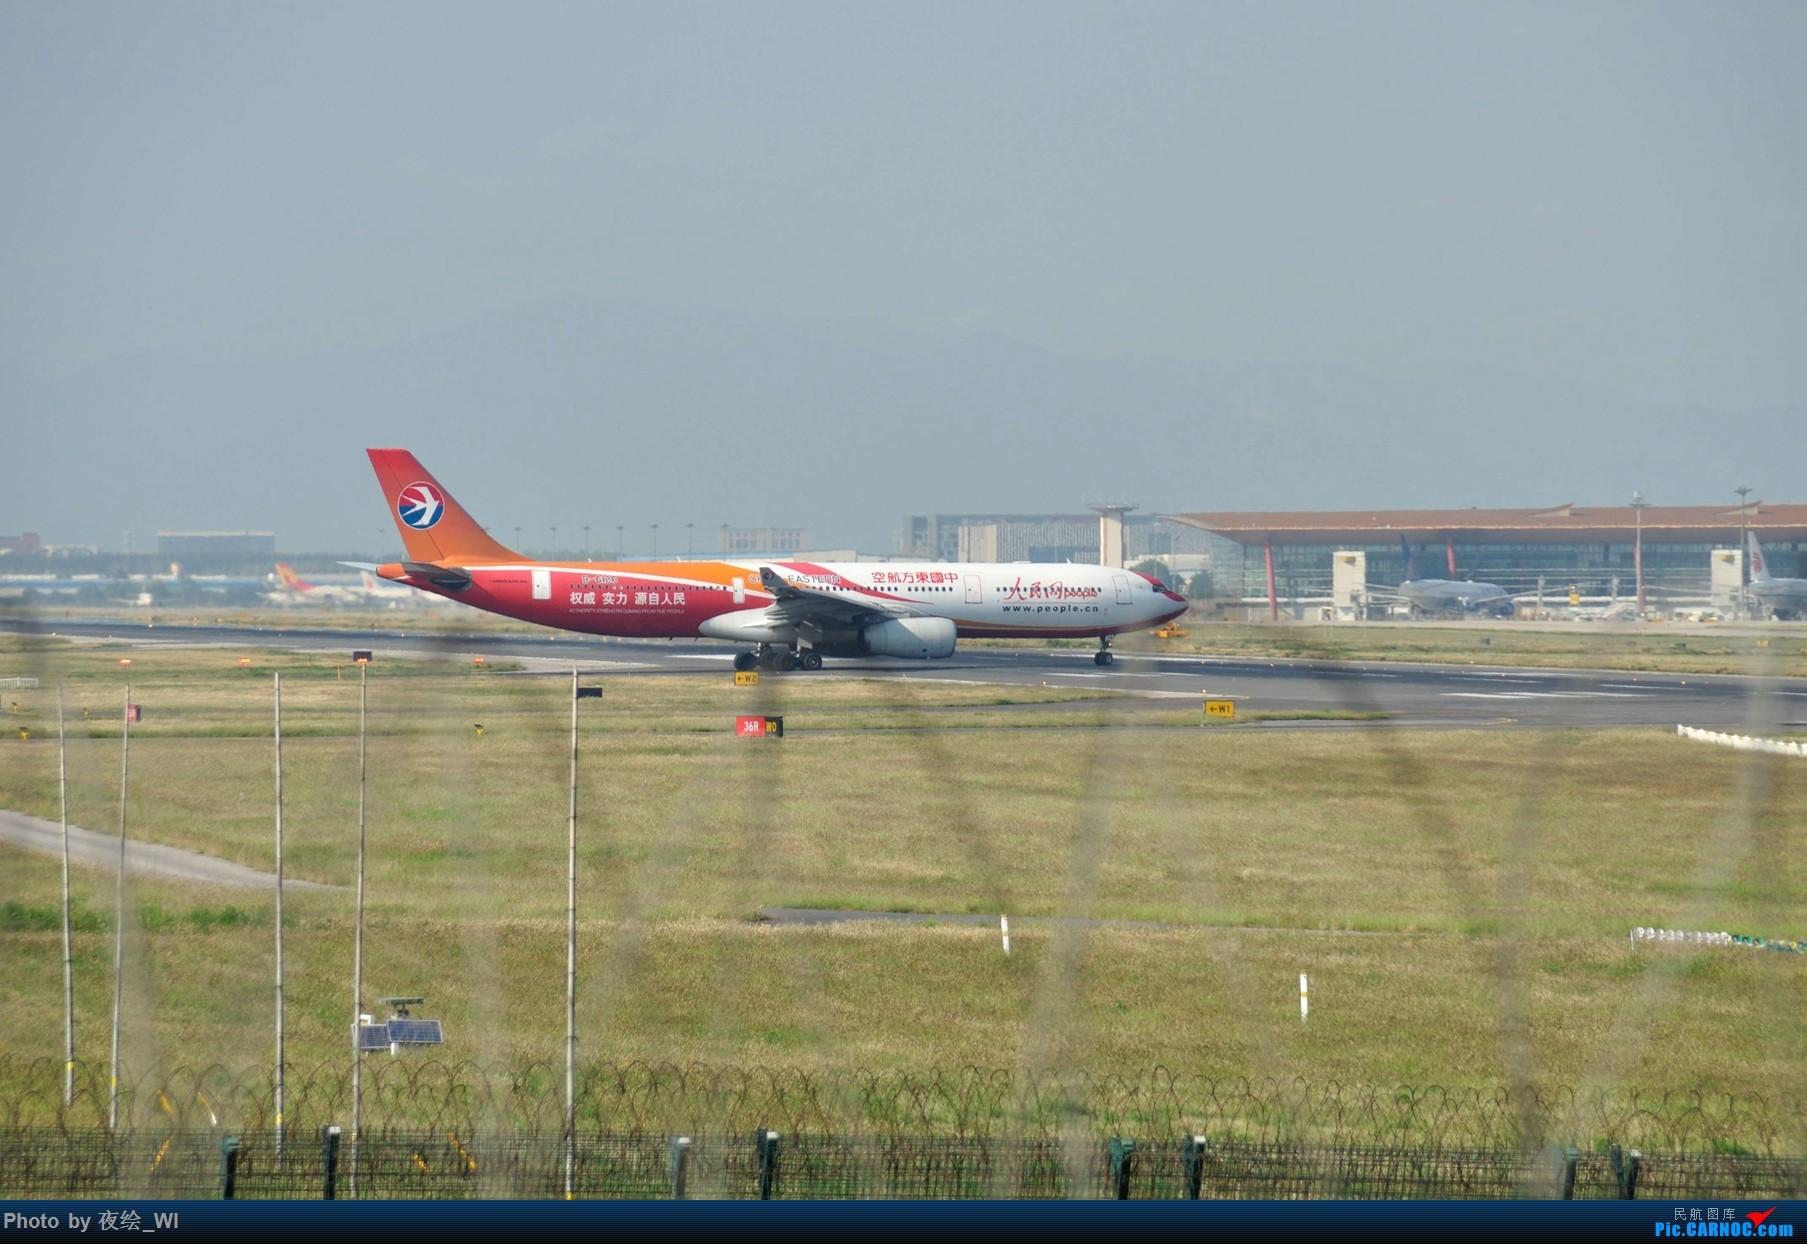 Re:[原创]【PEK】初刷八卦台,拍得飞起! AIRBUS A330-300 B-6126 中国北京首都国际机场